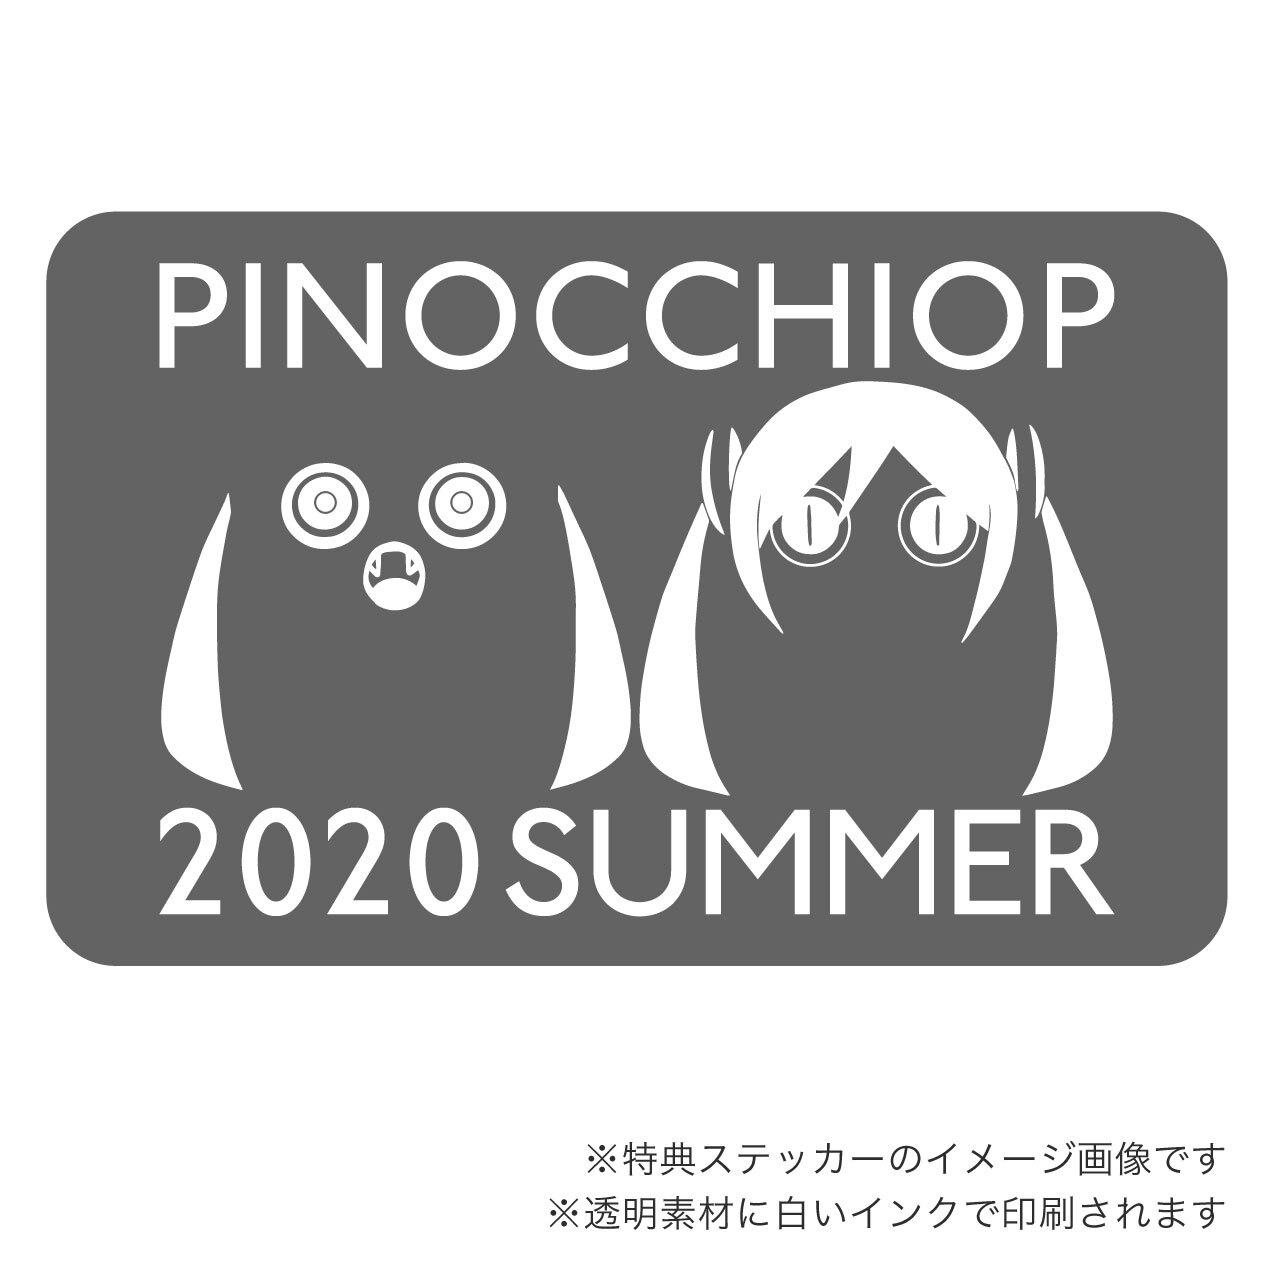 【受注生産再販】ピノキオピー - 八八 -パチパチ-  Tシャツ(スレート)+ステッカーセット - 画像3